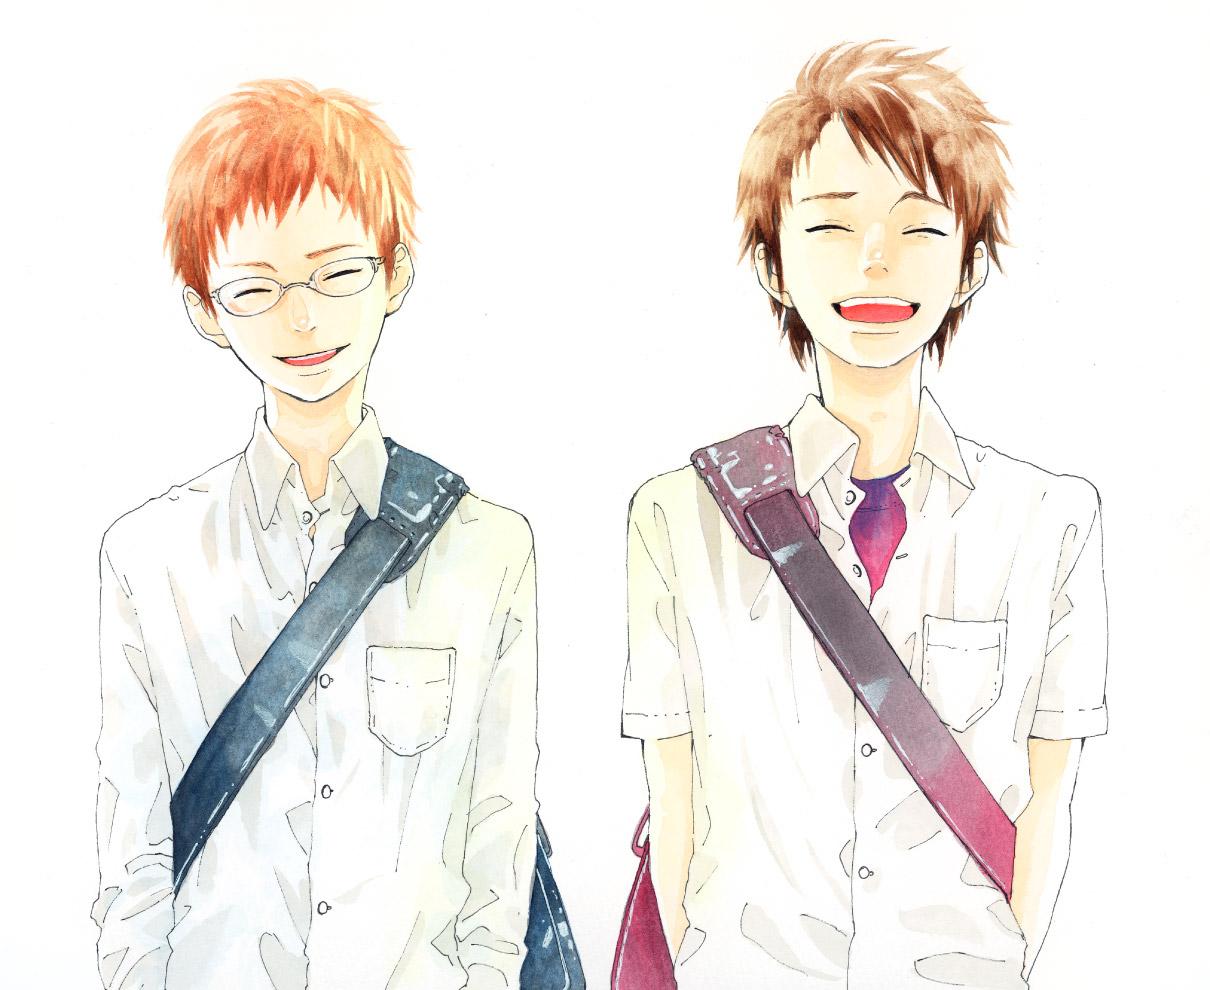 放送開始! 福井が舞台のアニメ「2.43 清陰高校男子バレー部」が凄い。